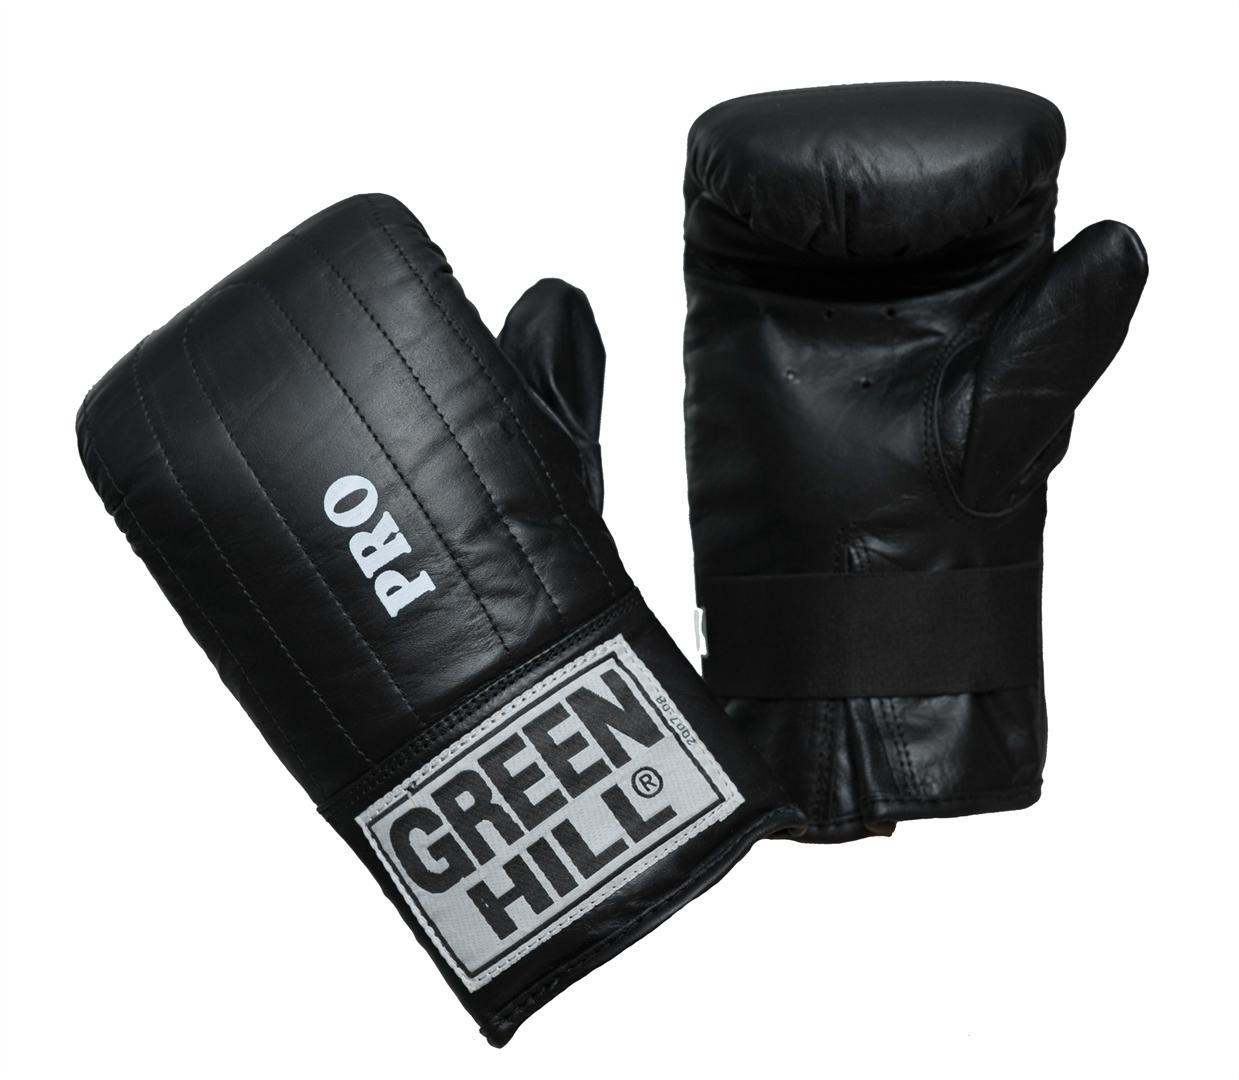 Перчатки снарядные Green Hill Pro, цвет: черный. Размер XL перчатки для рукопашного боя green hill цвет черный размер xl pg 2045